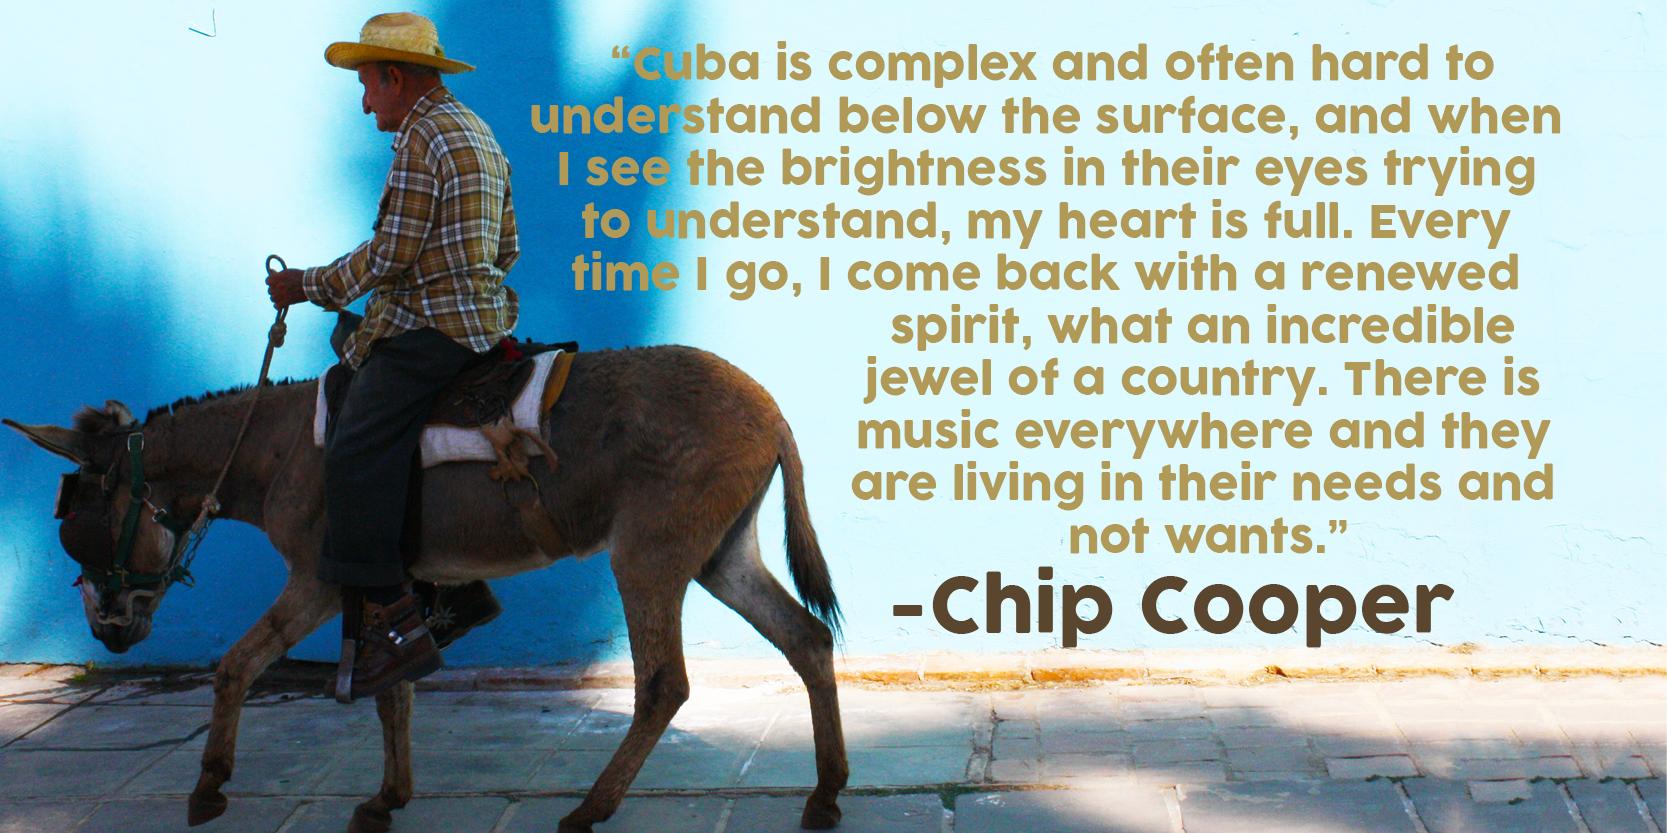 chip-cooper-cuba-quote